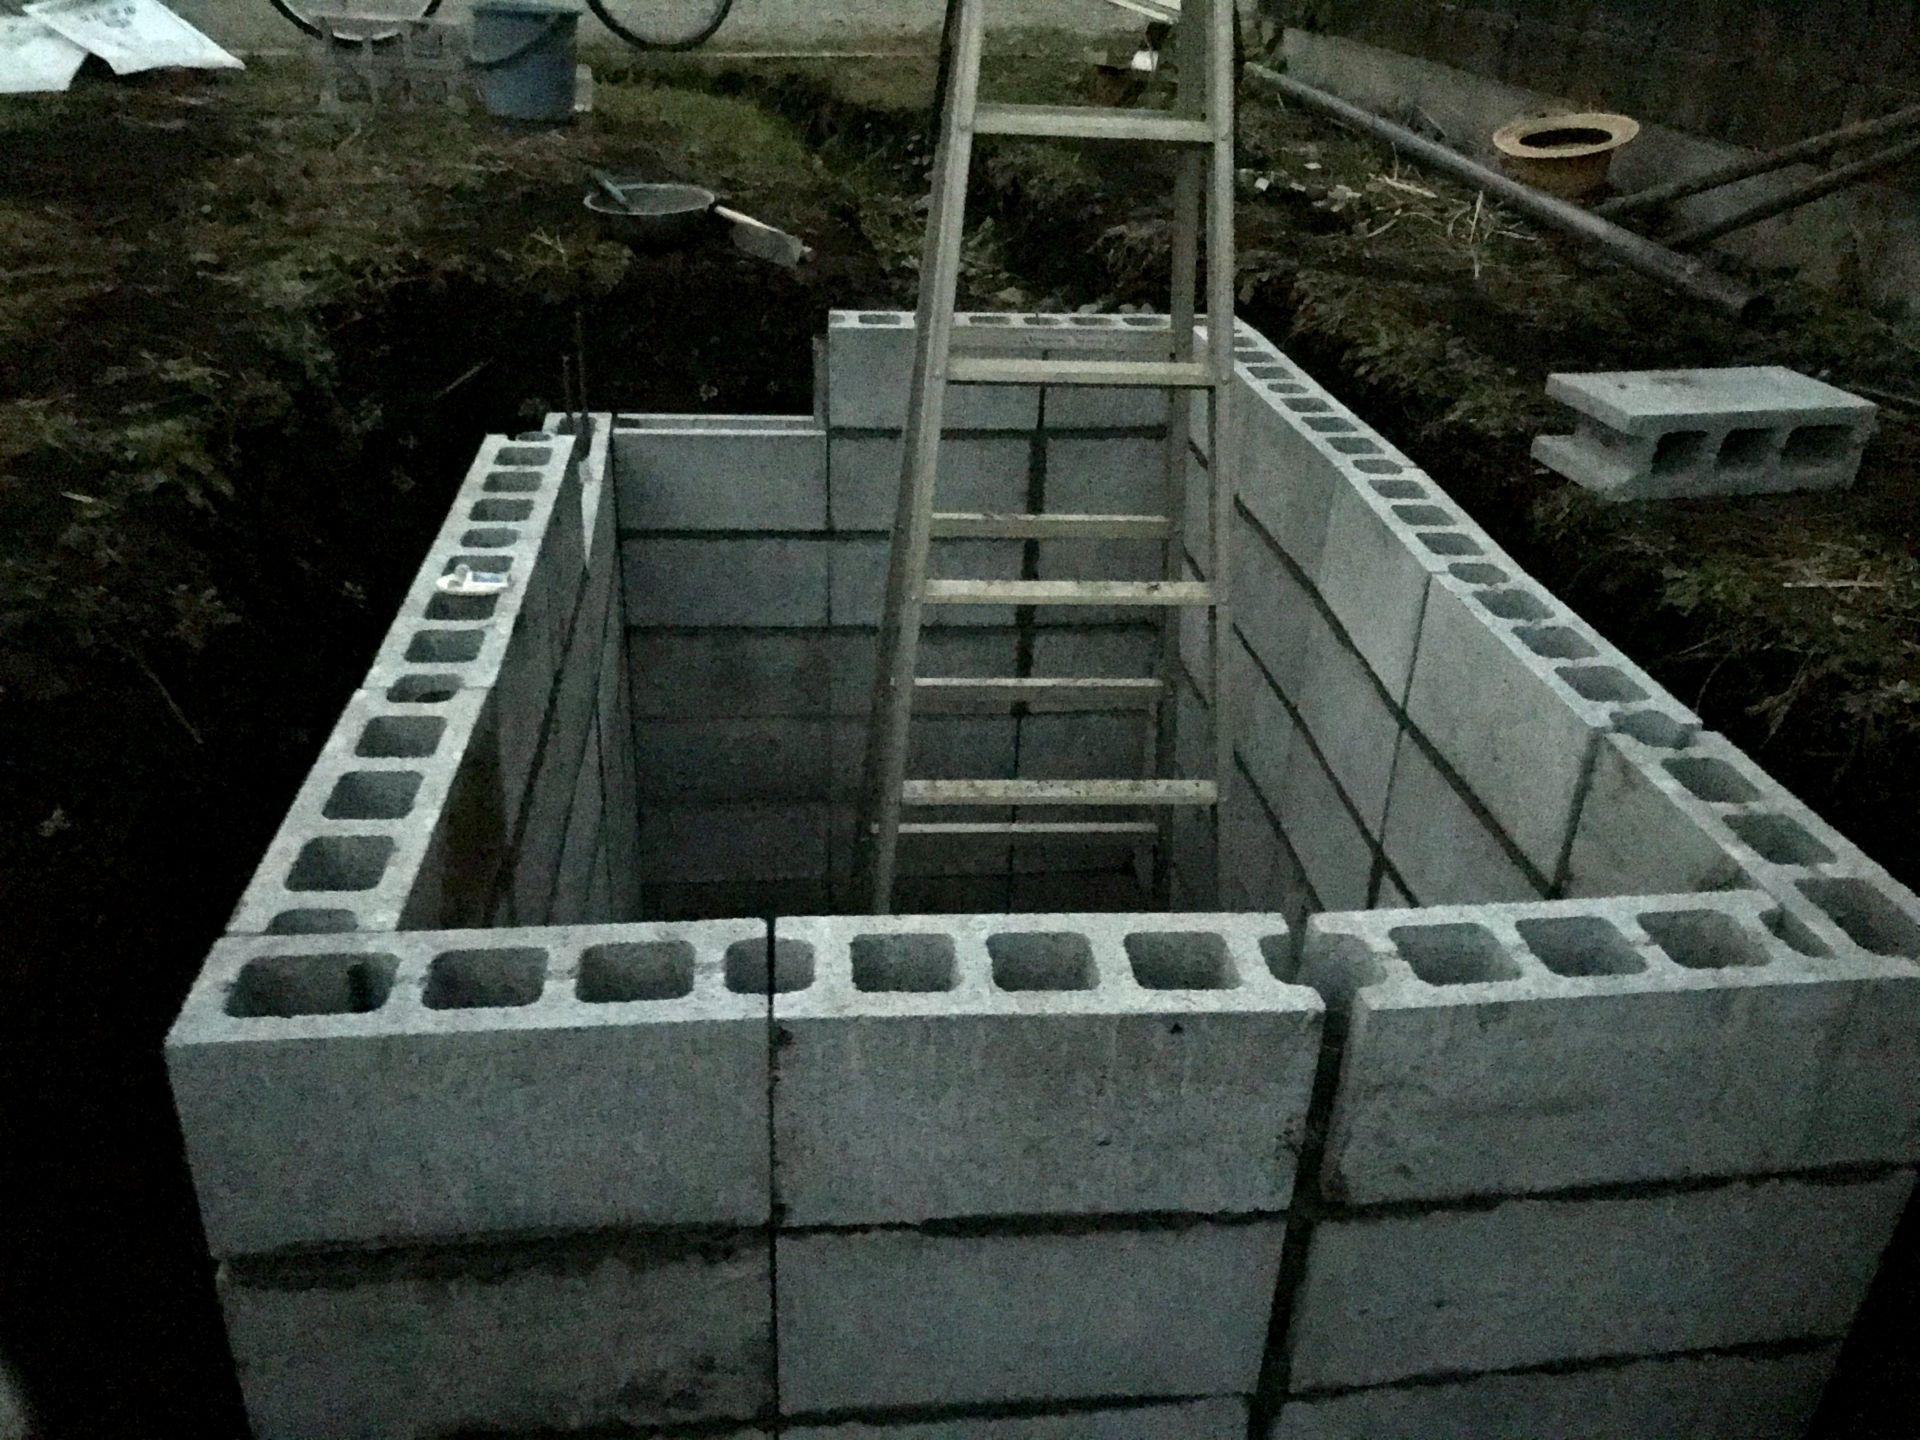 日没で暗くなったので七段目も残すブロックはあと3つで今日は終わり。